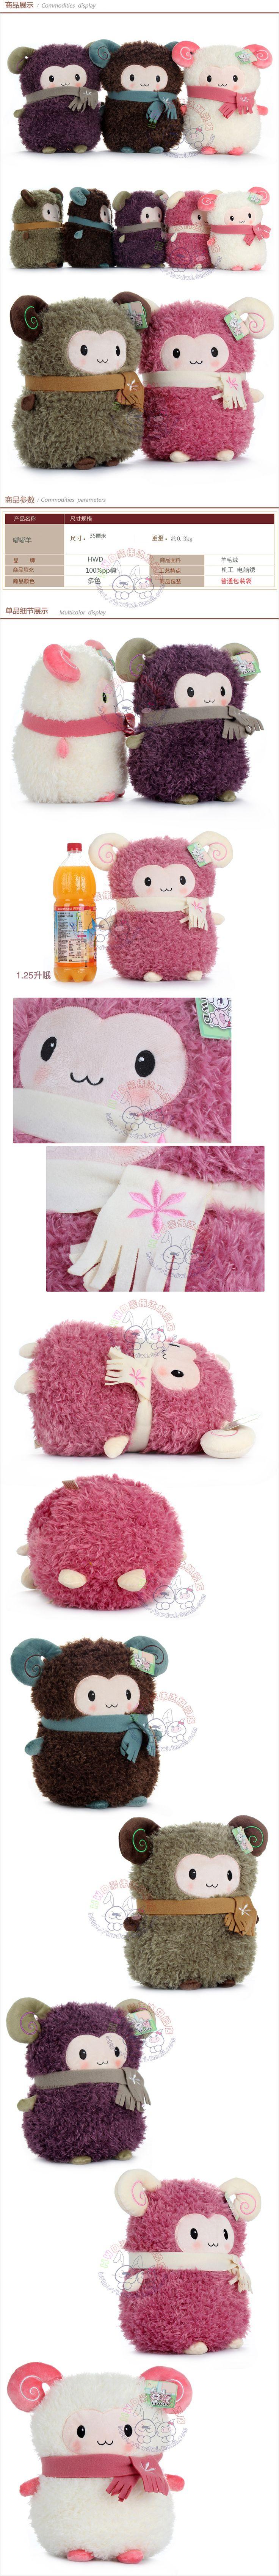 嘟嘟羊驼毛绒玩具 羊公仔娃娃大号 手捂暖手抱枕 可爱玩偶 礼物-tmall.com天猫